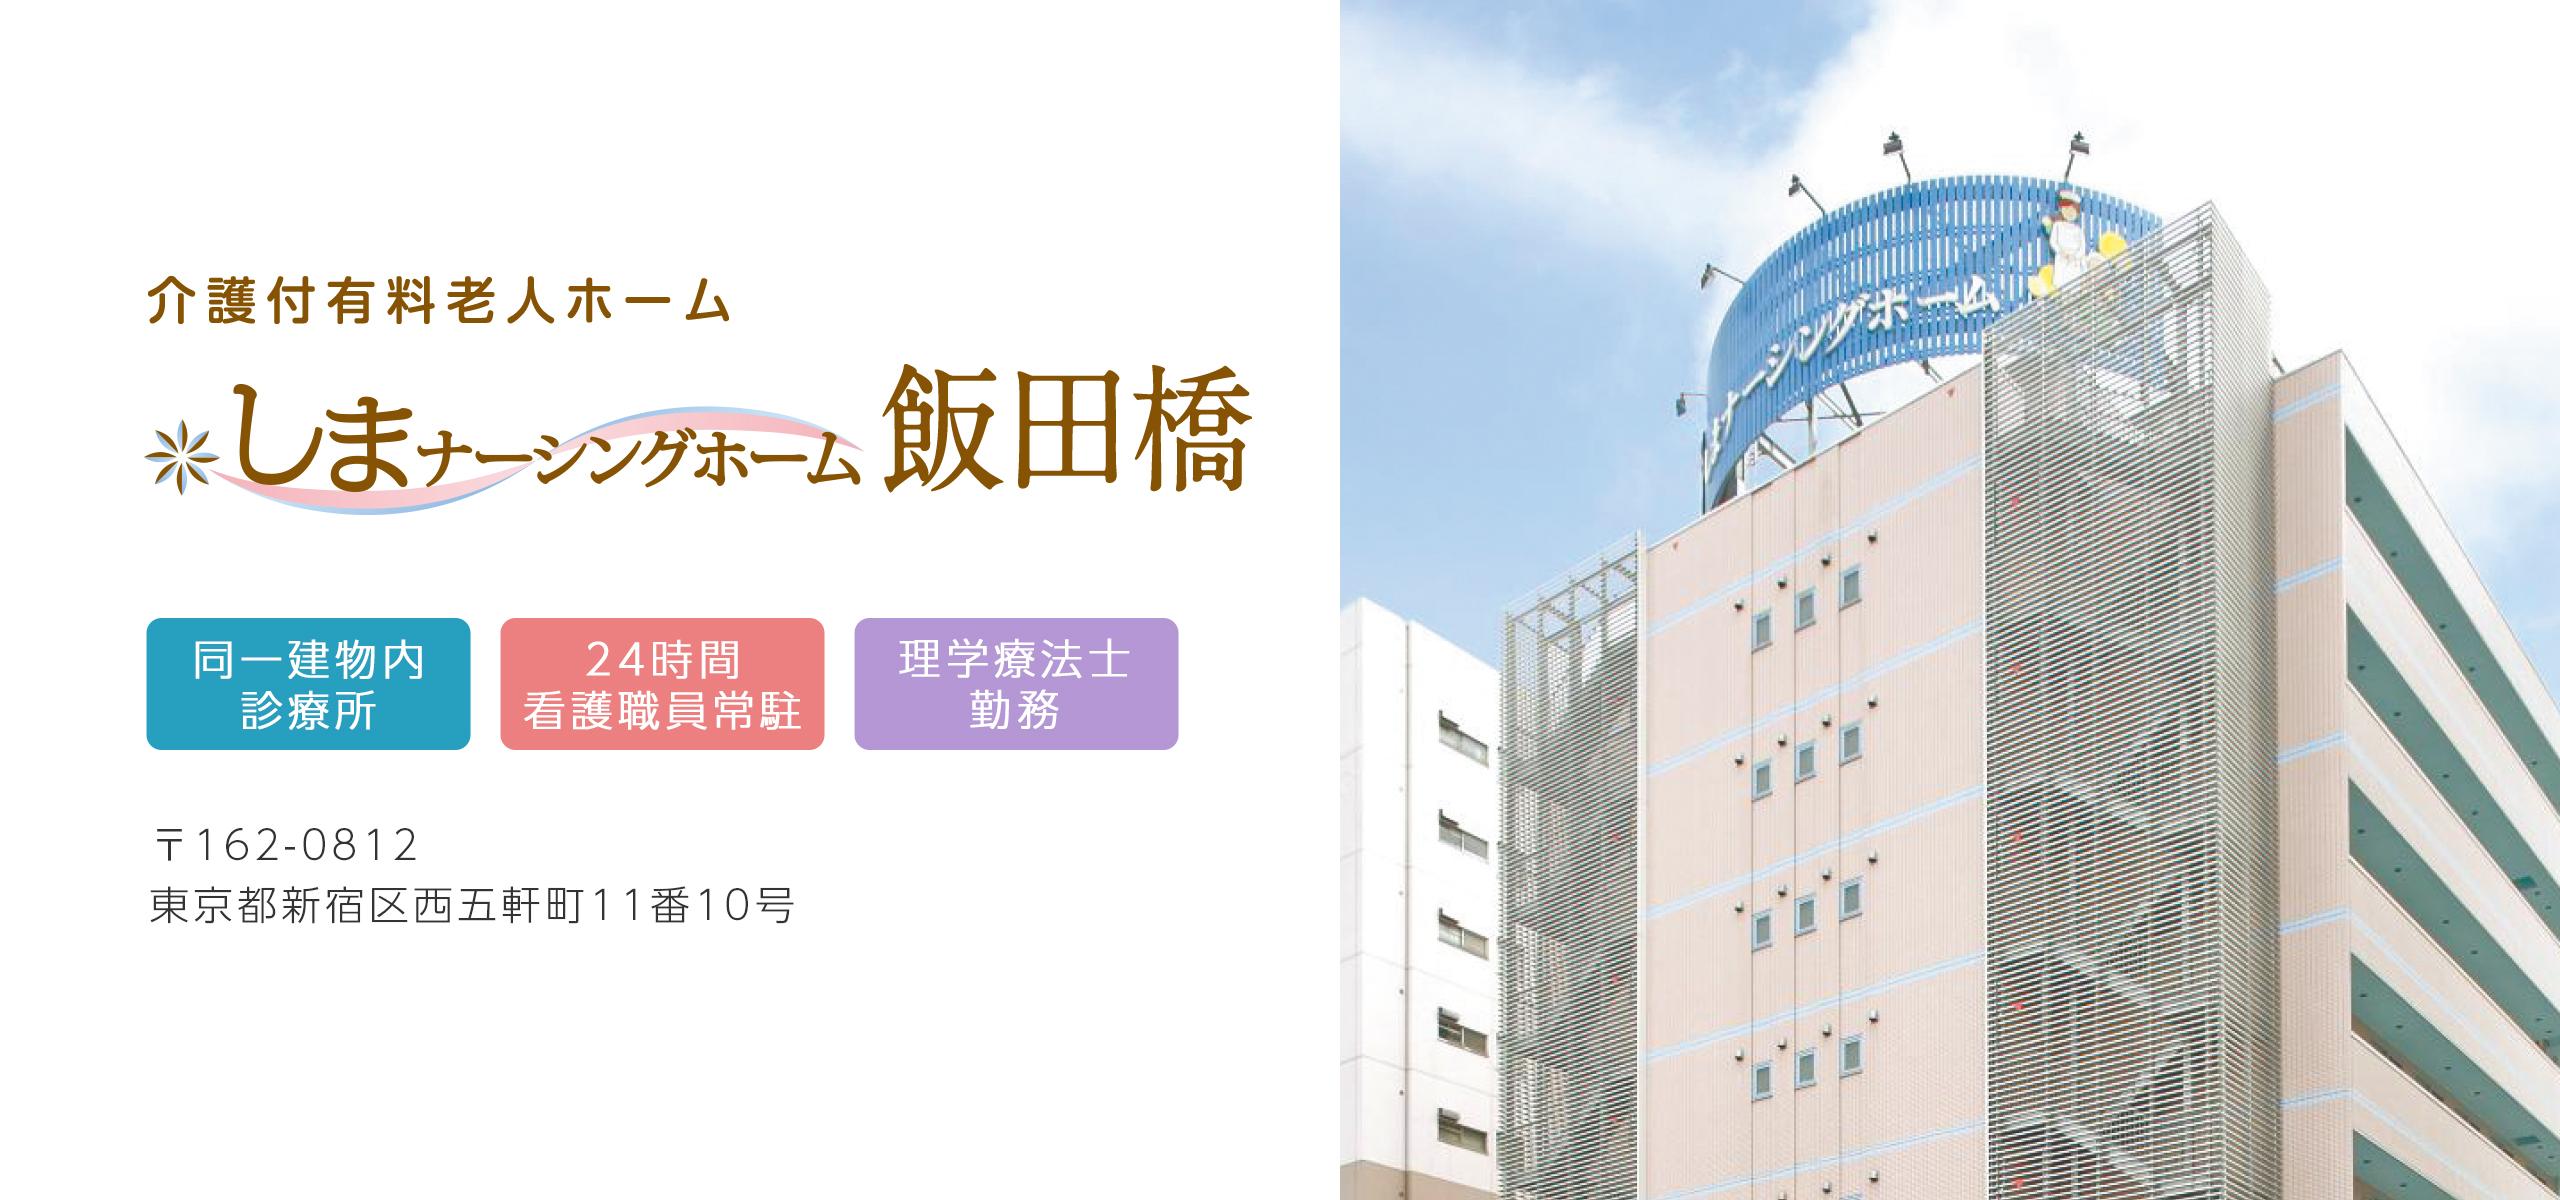 各施設_02_飯田橋